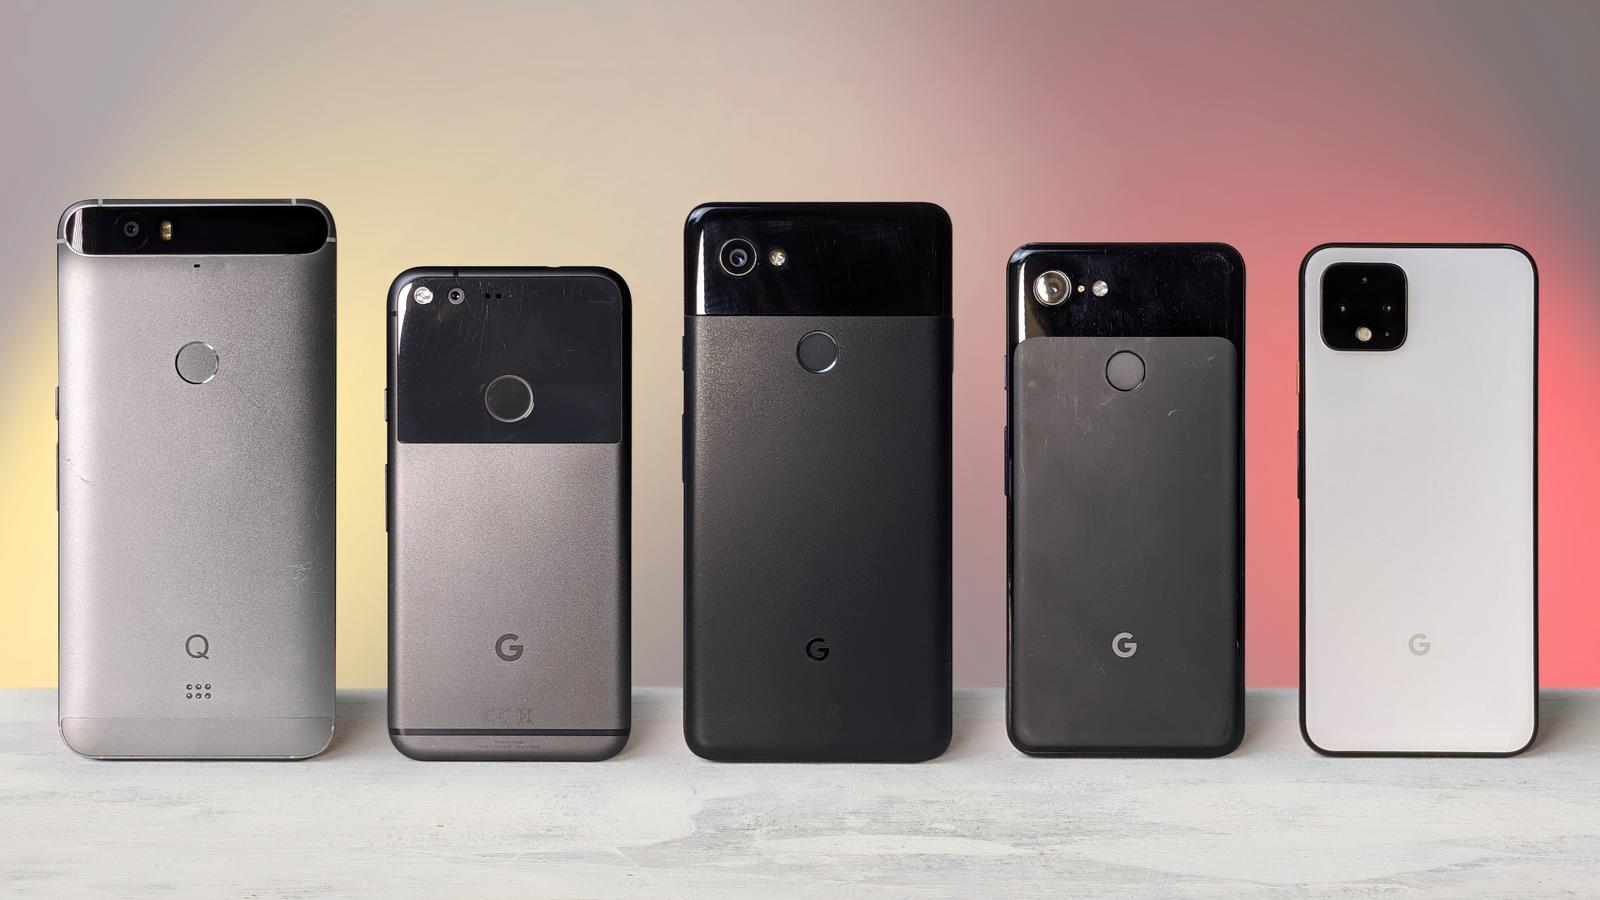 Google Pixel evolution from Nexus 6P to the Pixel 4